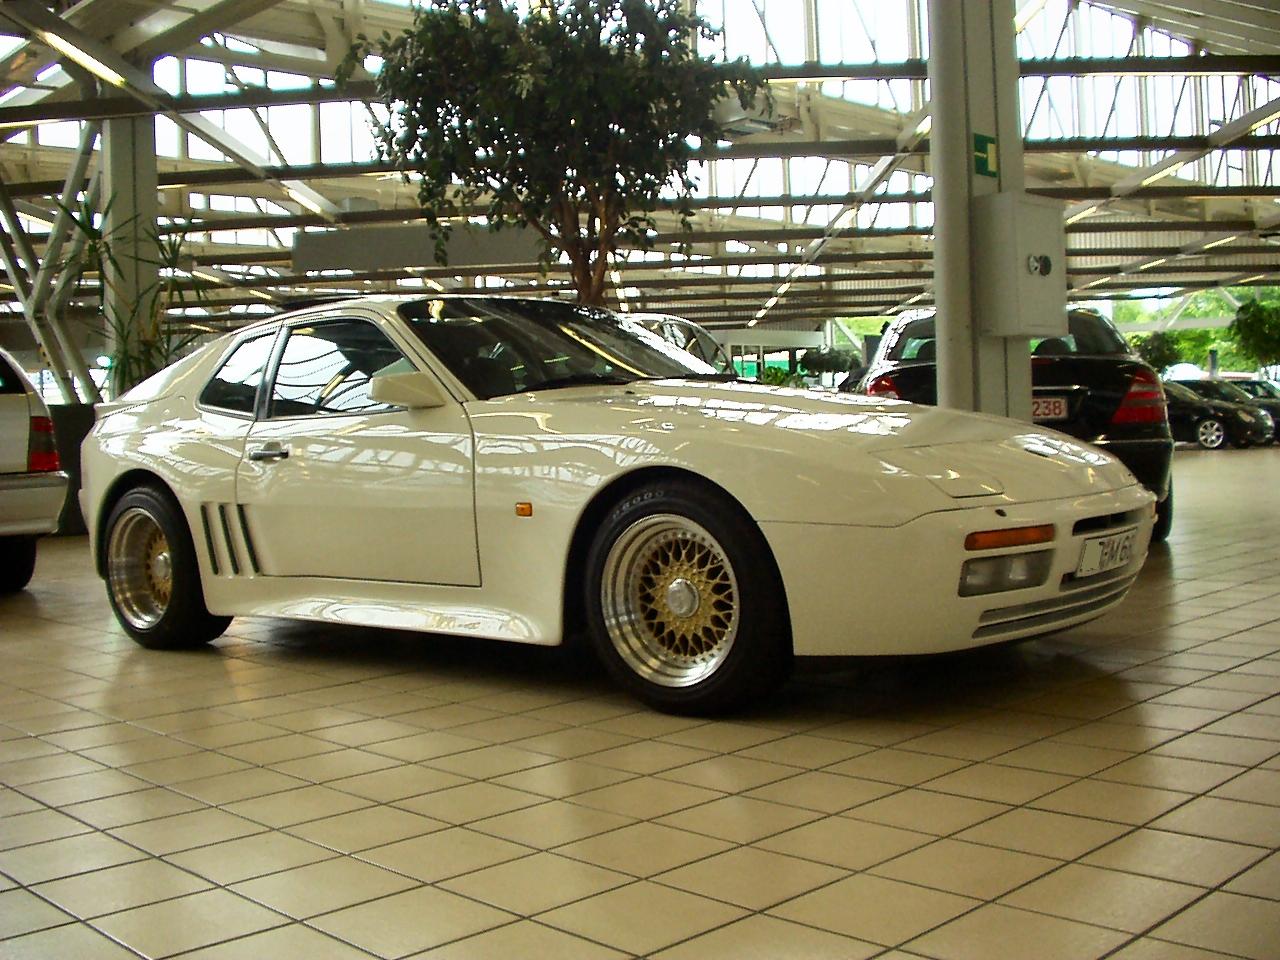 ポルシェ・944 Porsche 944 Japaneseclass Jp